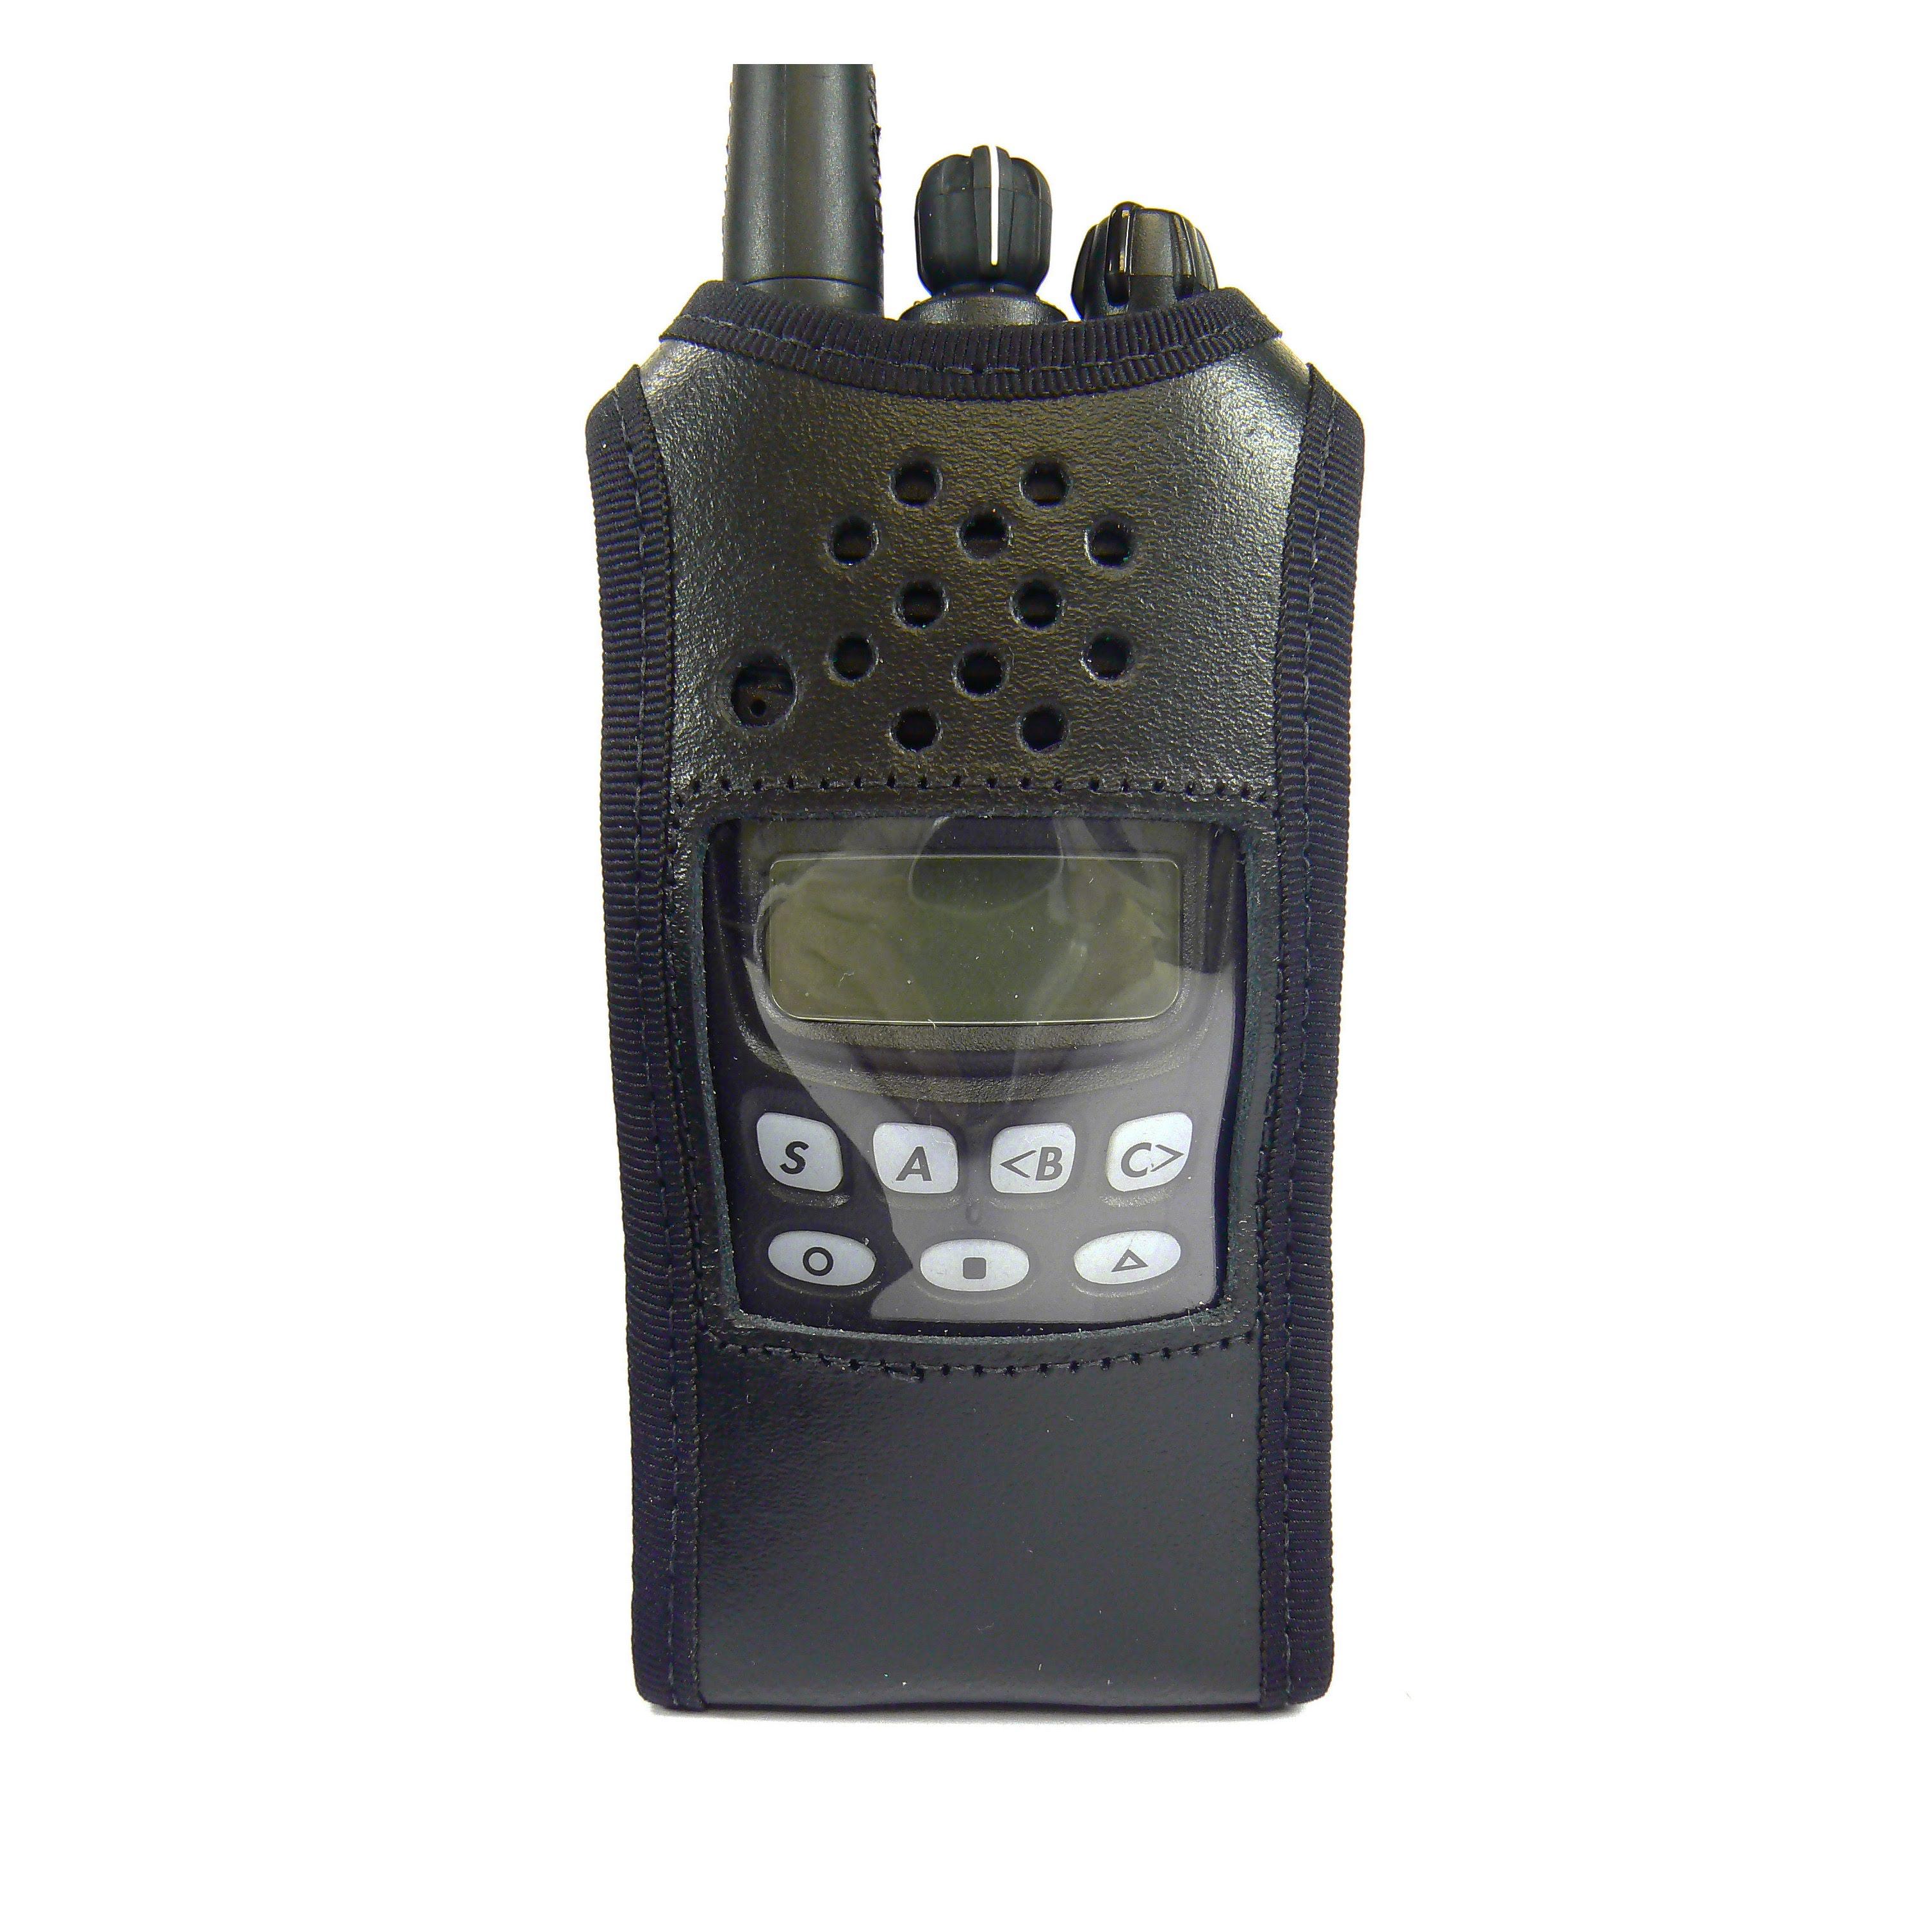 Kenwood TK3312 Radio Case Leather